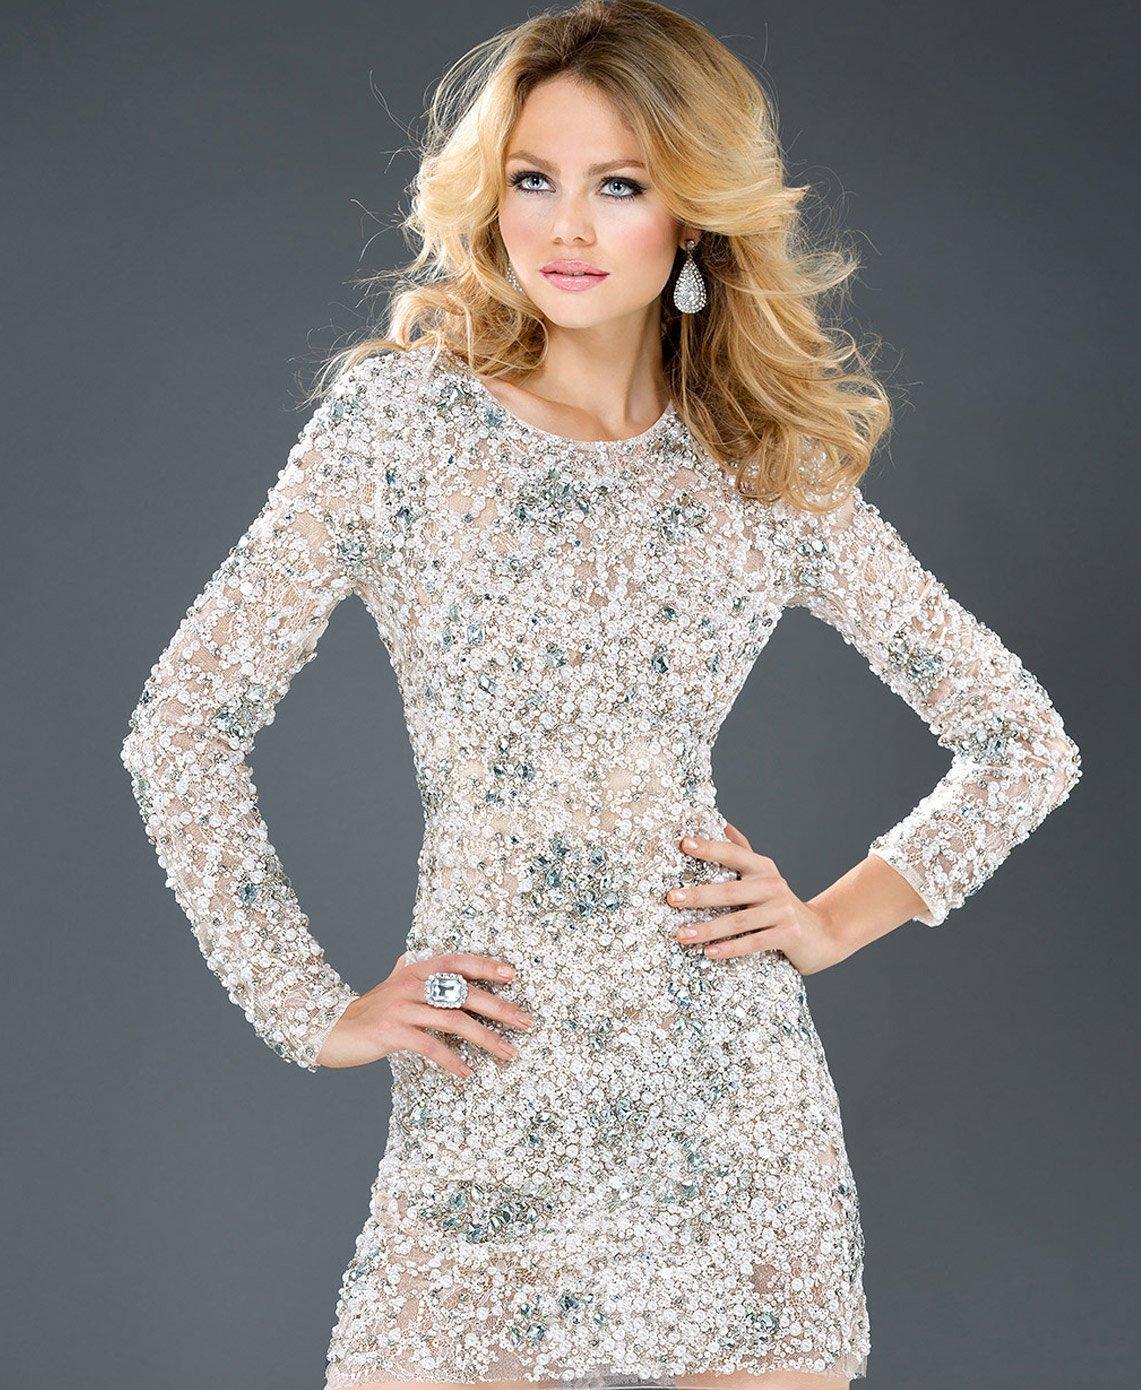 36e2bdad1ad Модное платье с камнями Красивое короткое платье с камнями ...